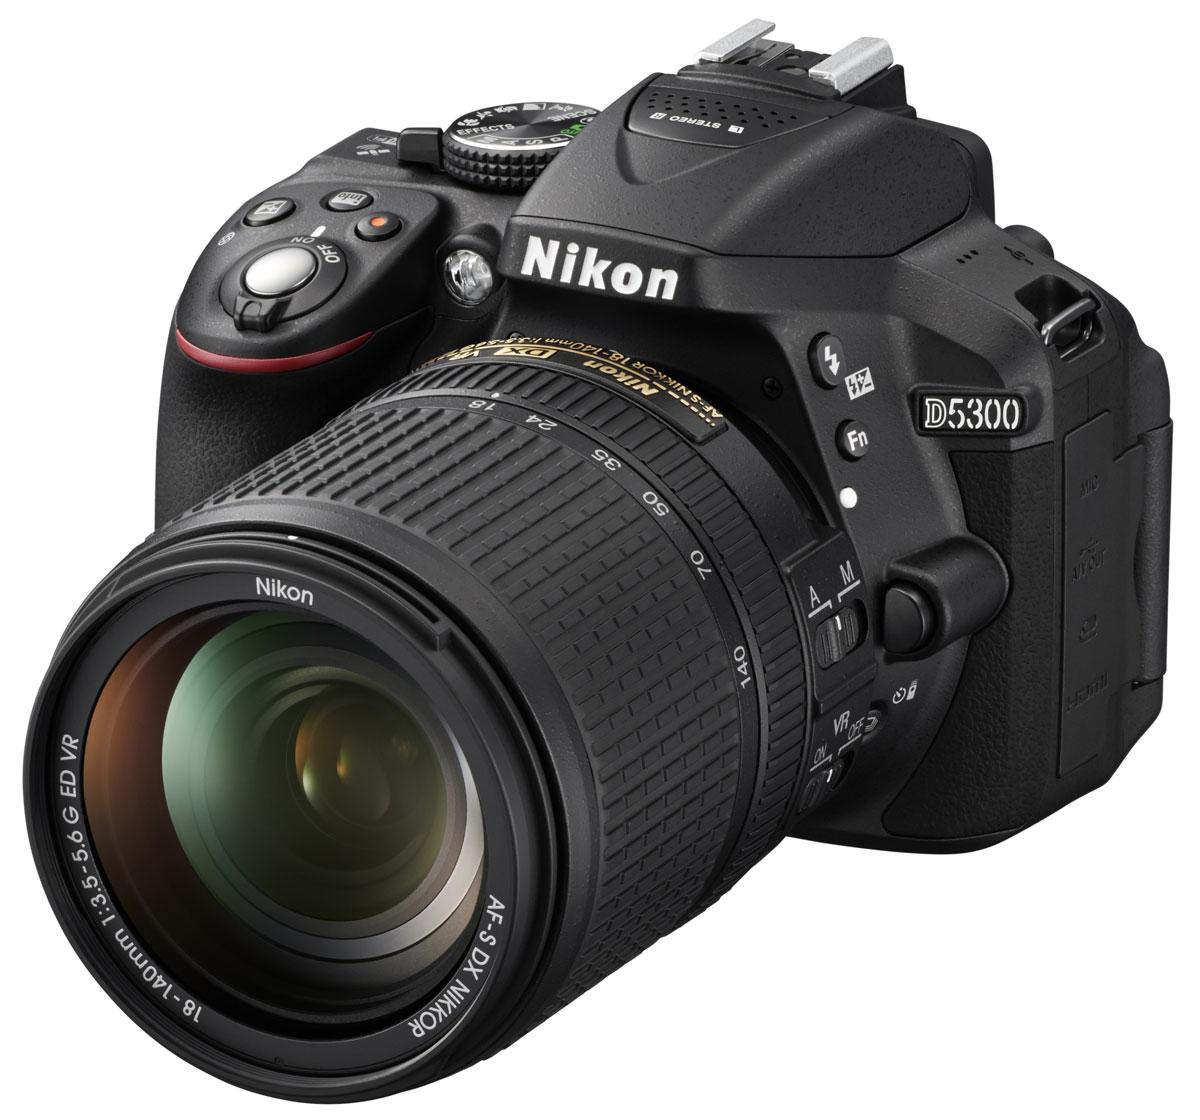 Зеркальный фотоаппарат Nikon D5300 Kit 18-140 VR, Black зеркальный фотоаппарат nikon d5300 kit af s dx nikkor 18 105mm f 3 5 5 6g ed vr черный